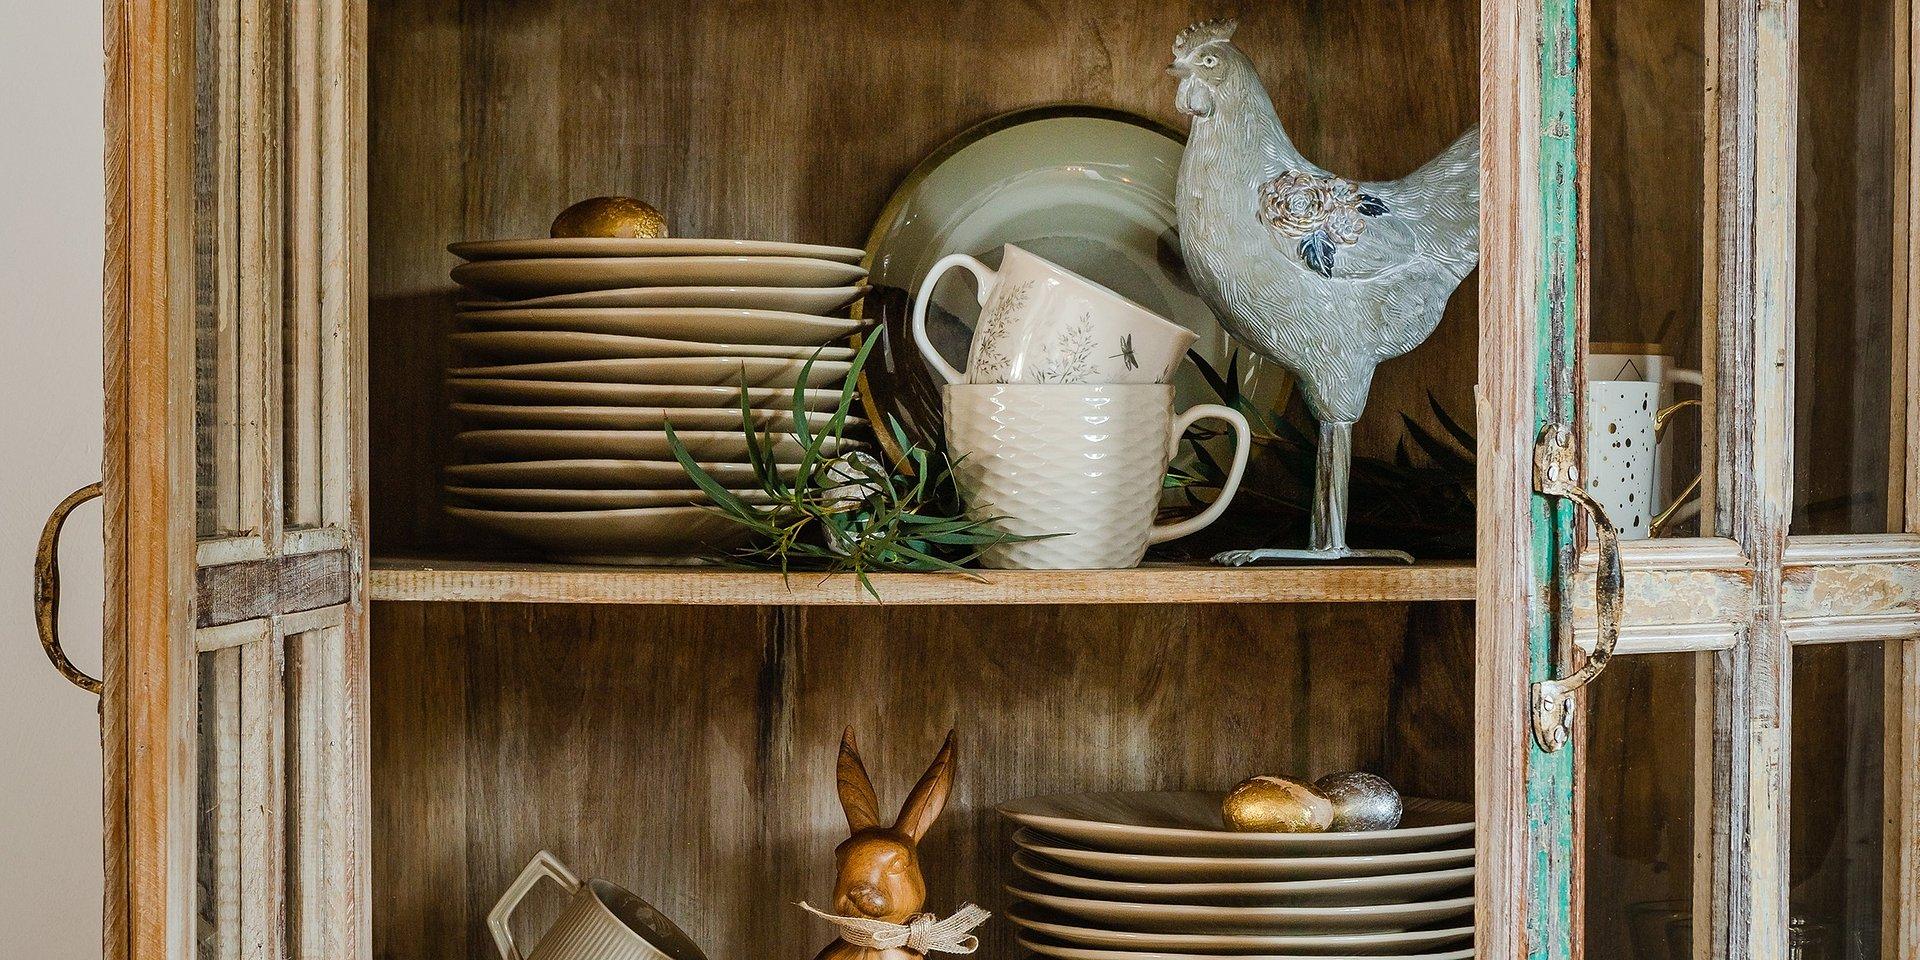 Dekoruj ze smakiem – wielkanocny stół w stylu naturalnym